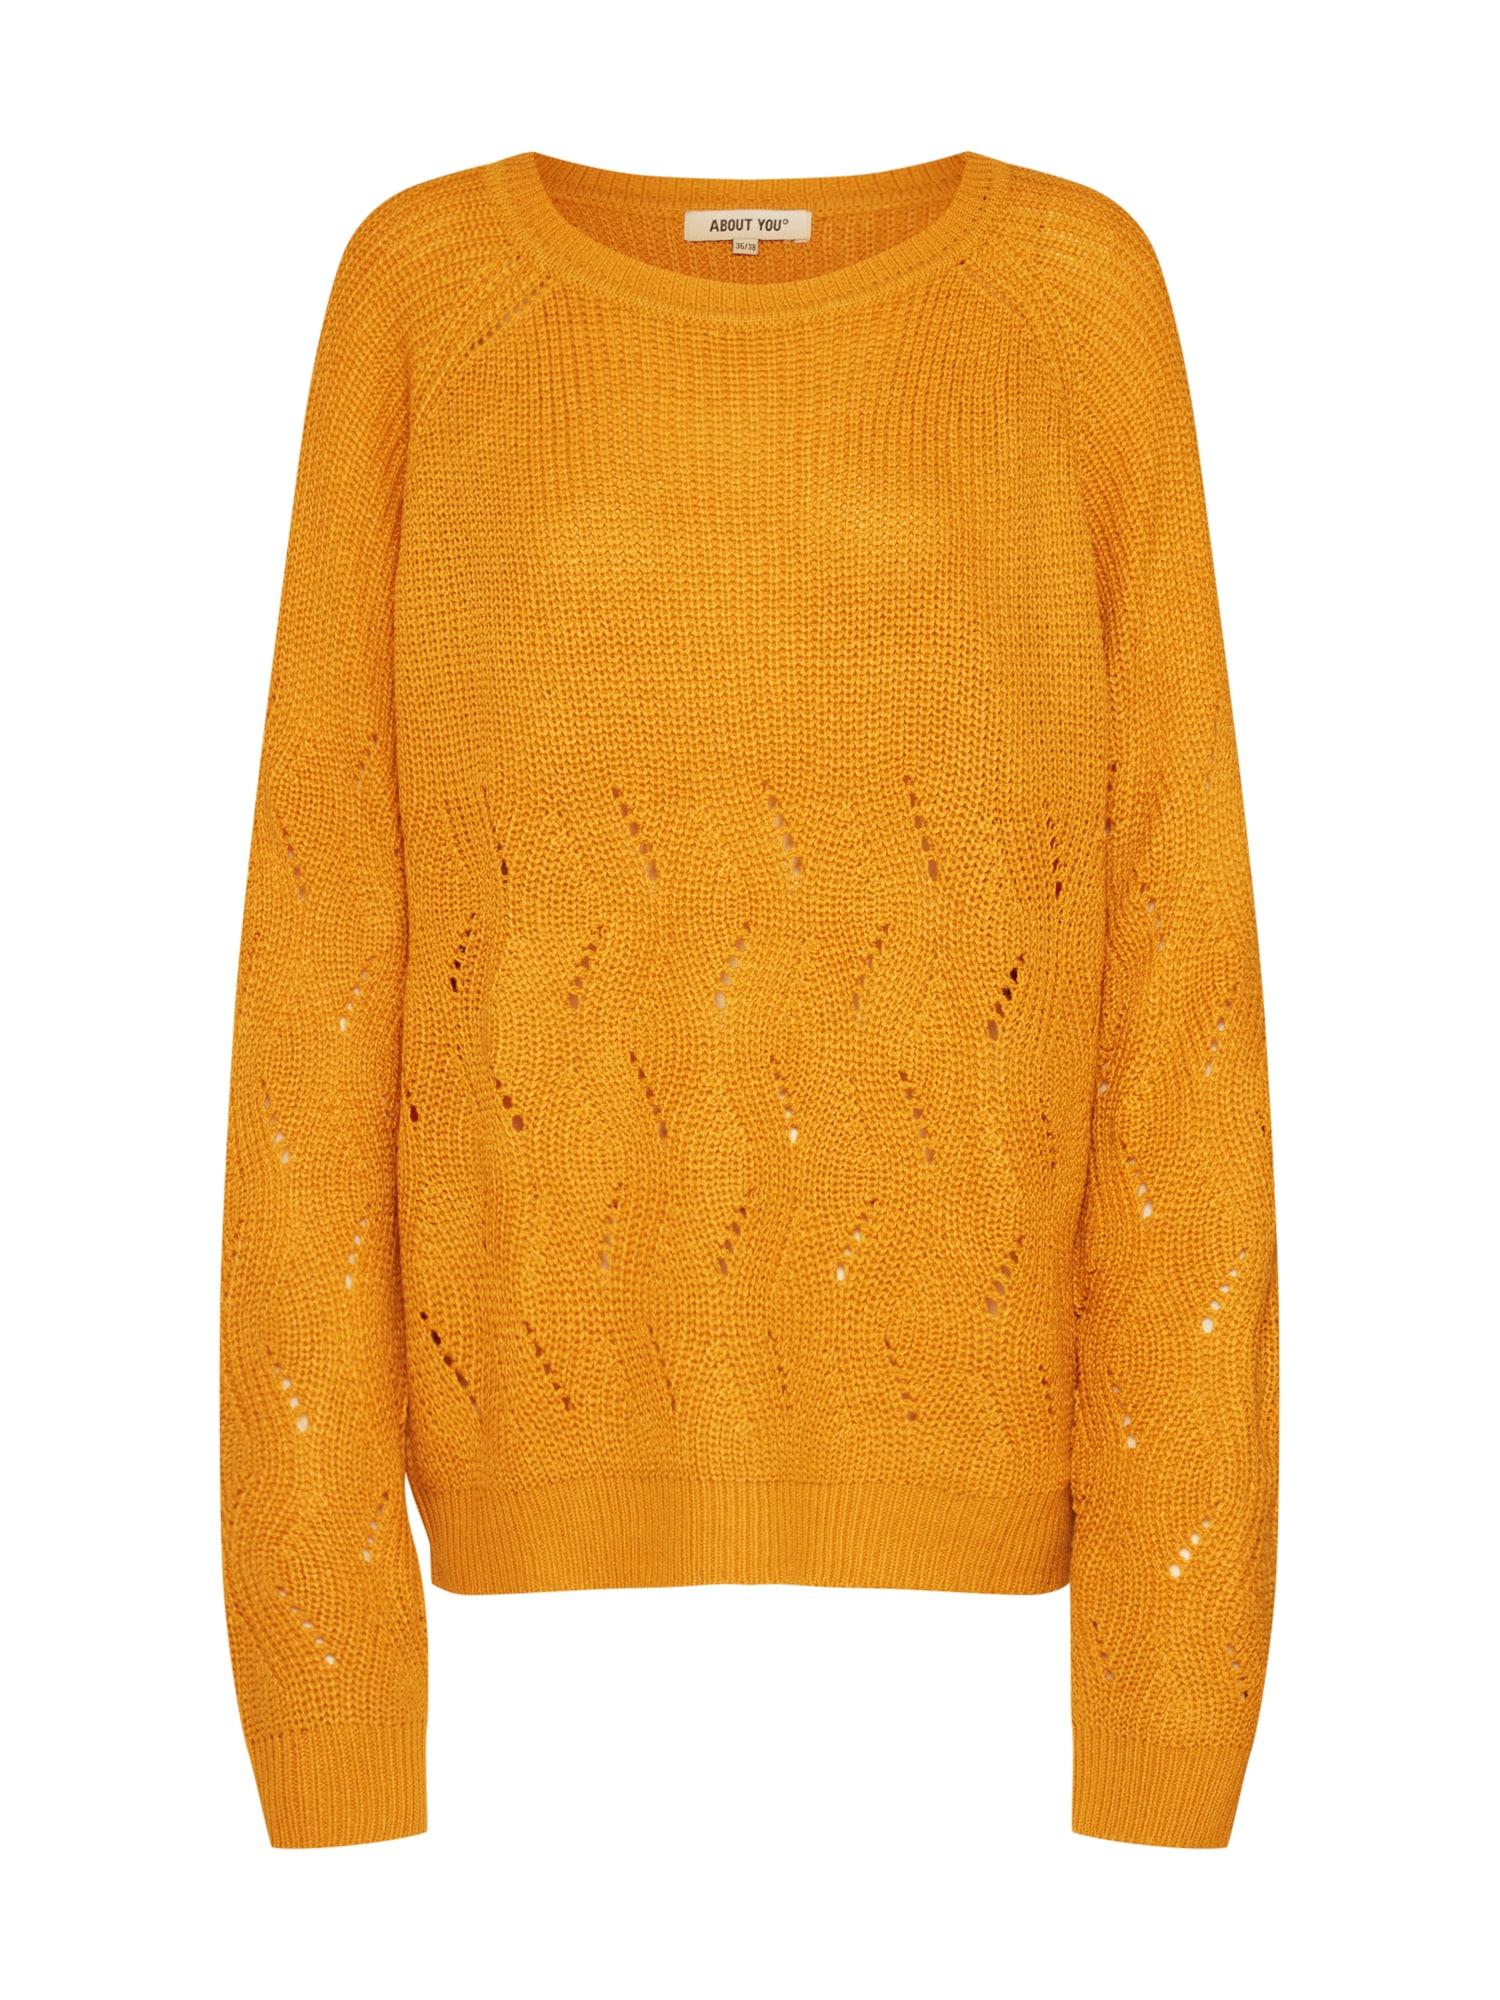 ABOUT YOU Megztinis 'Gunda' garstyčių spalva